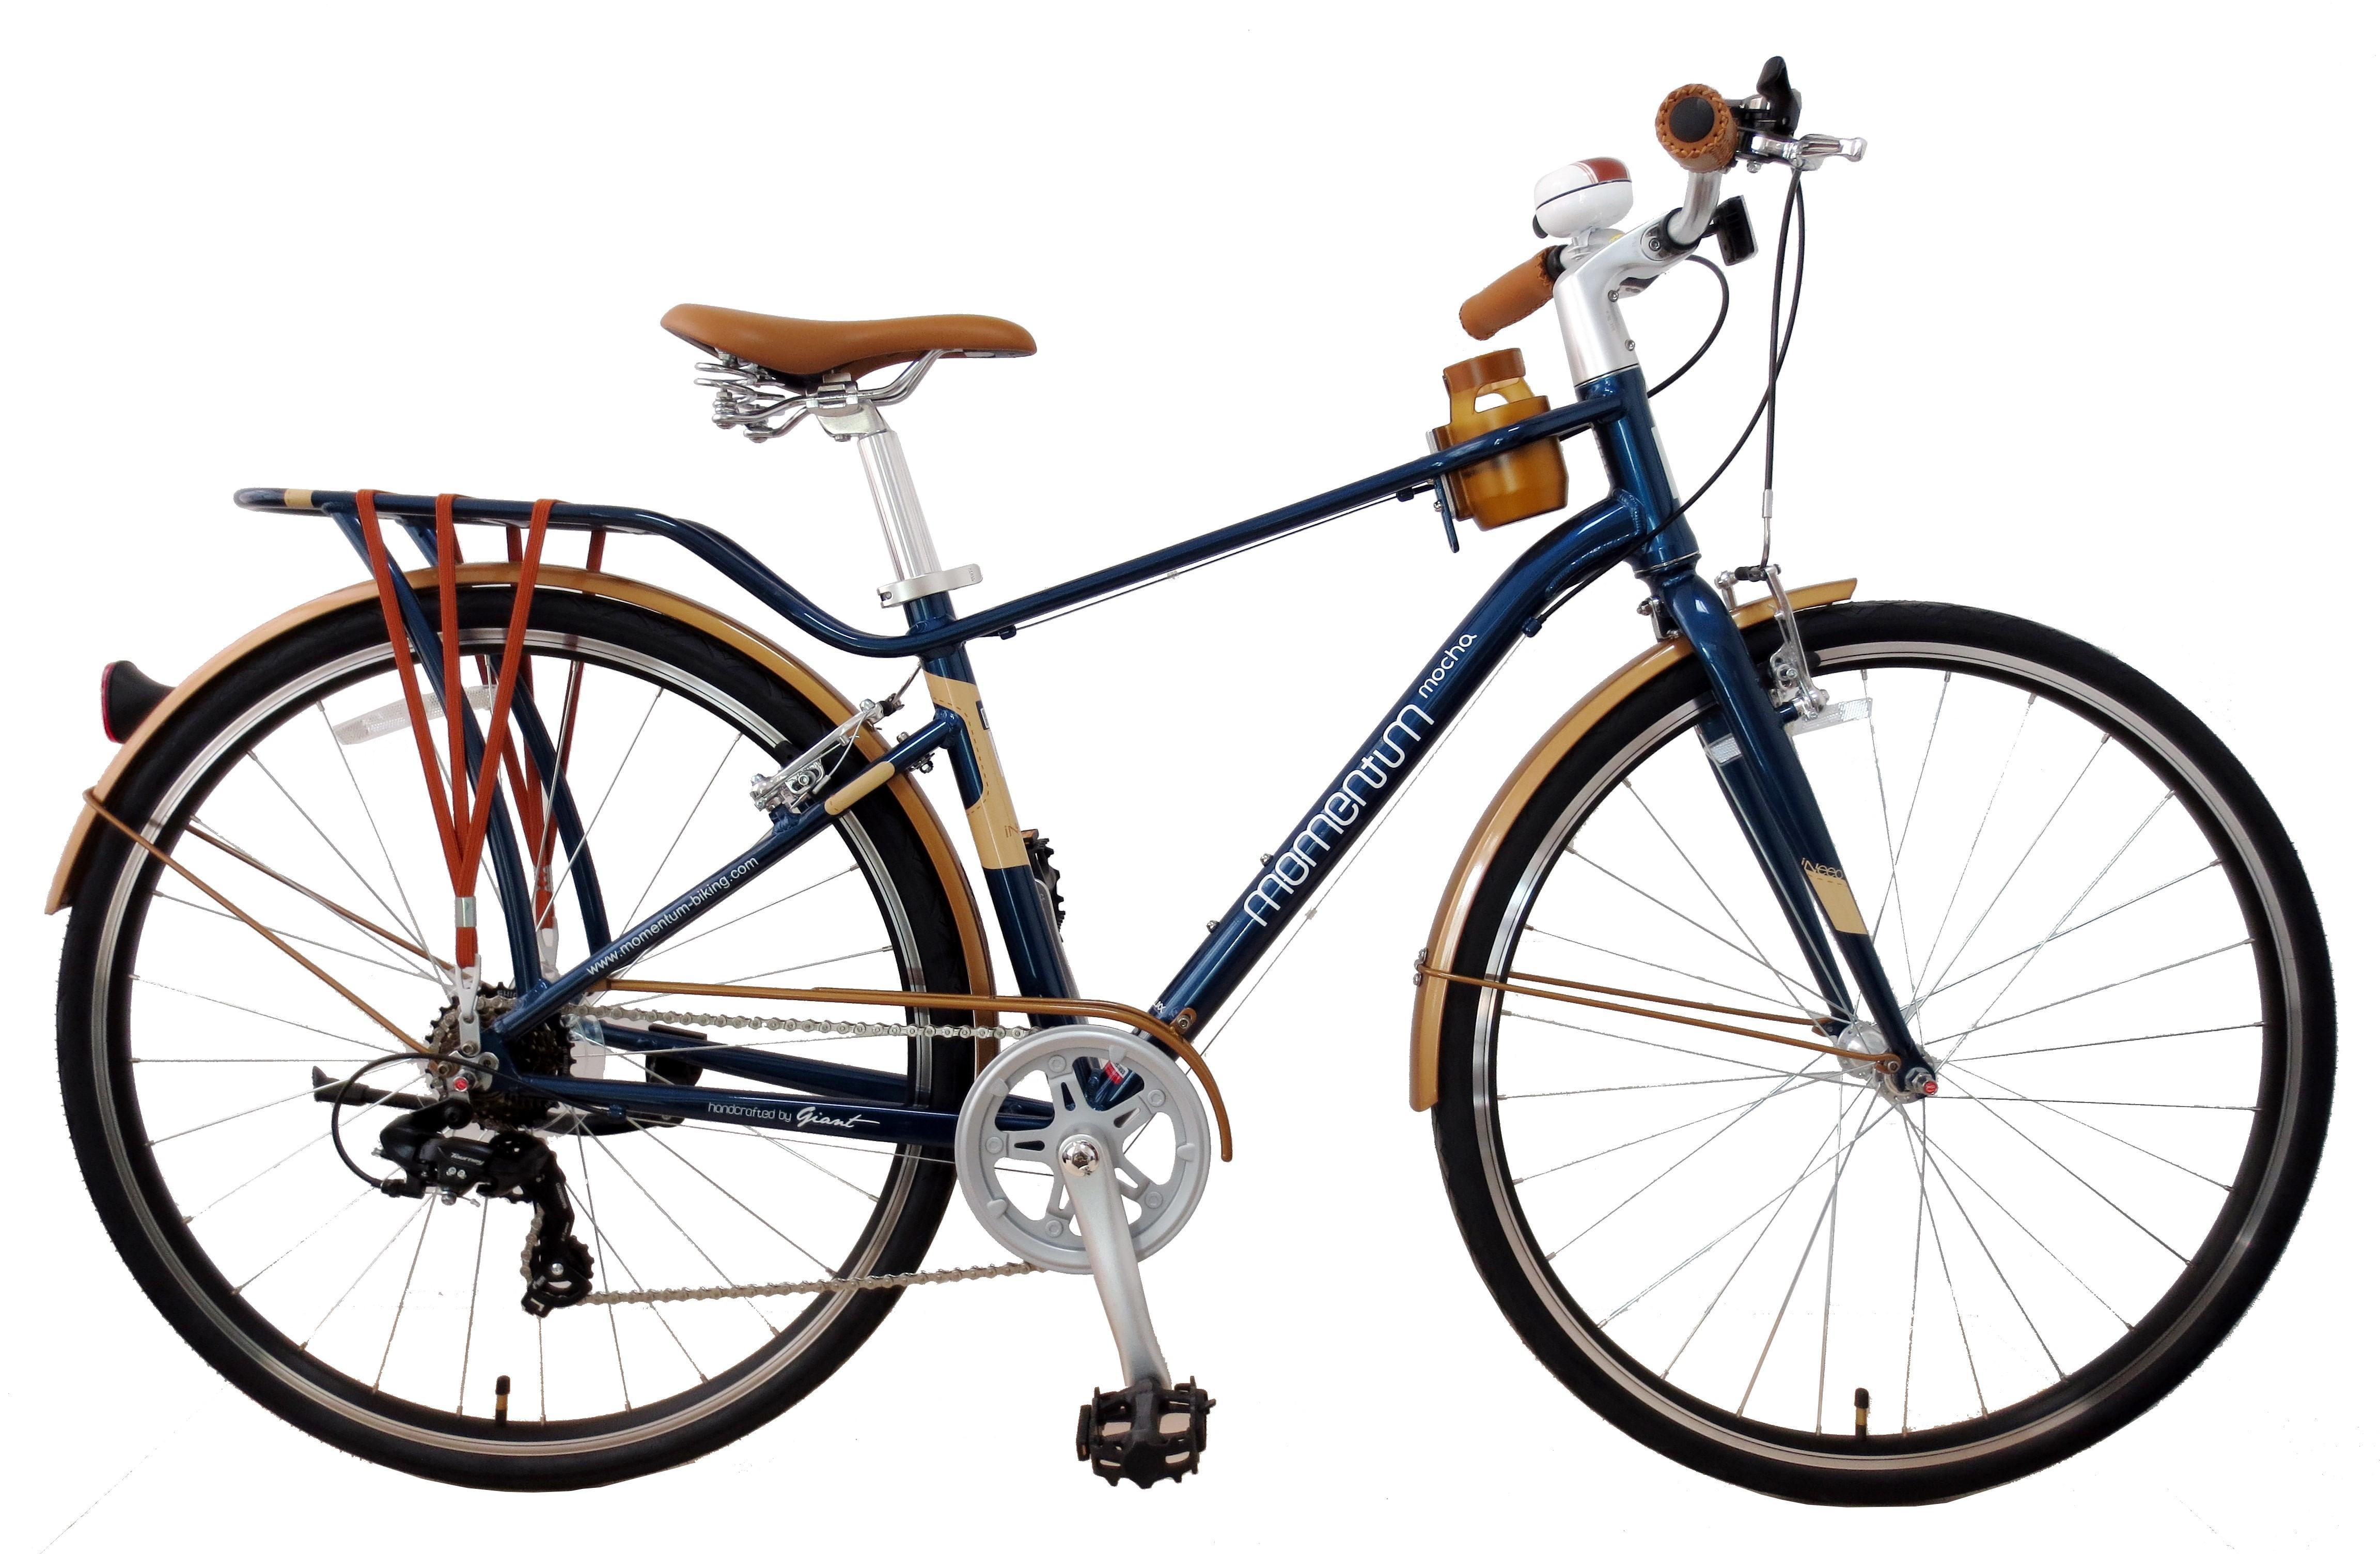 Xe đạp thể thao Giant chính hãng, giảm giá cực sâu, bảo hành 5 năm - 34